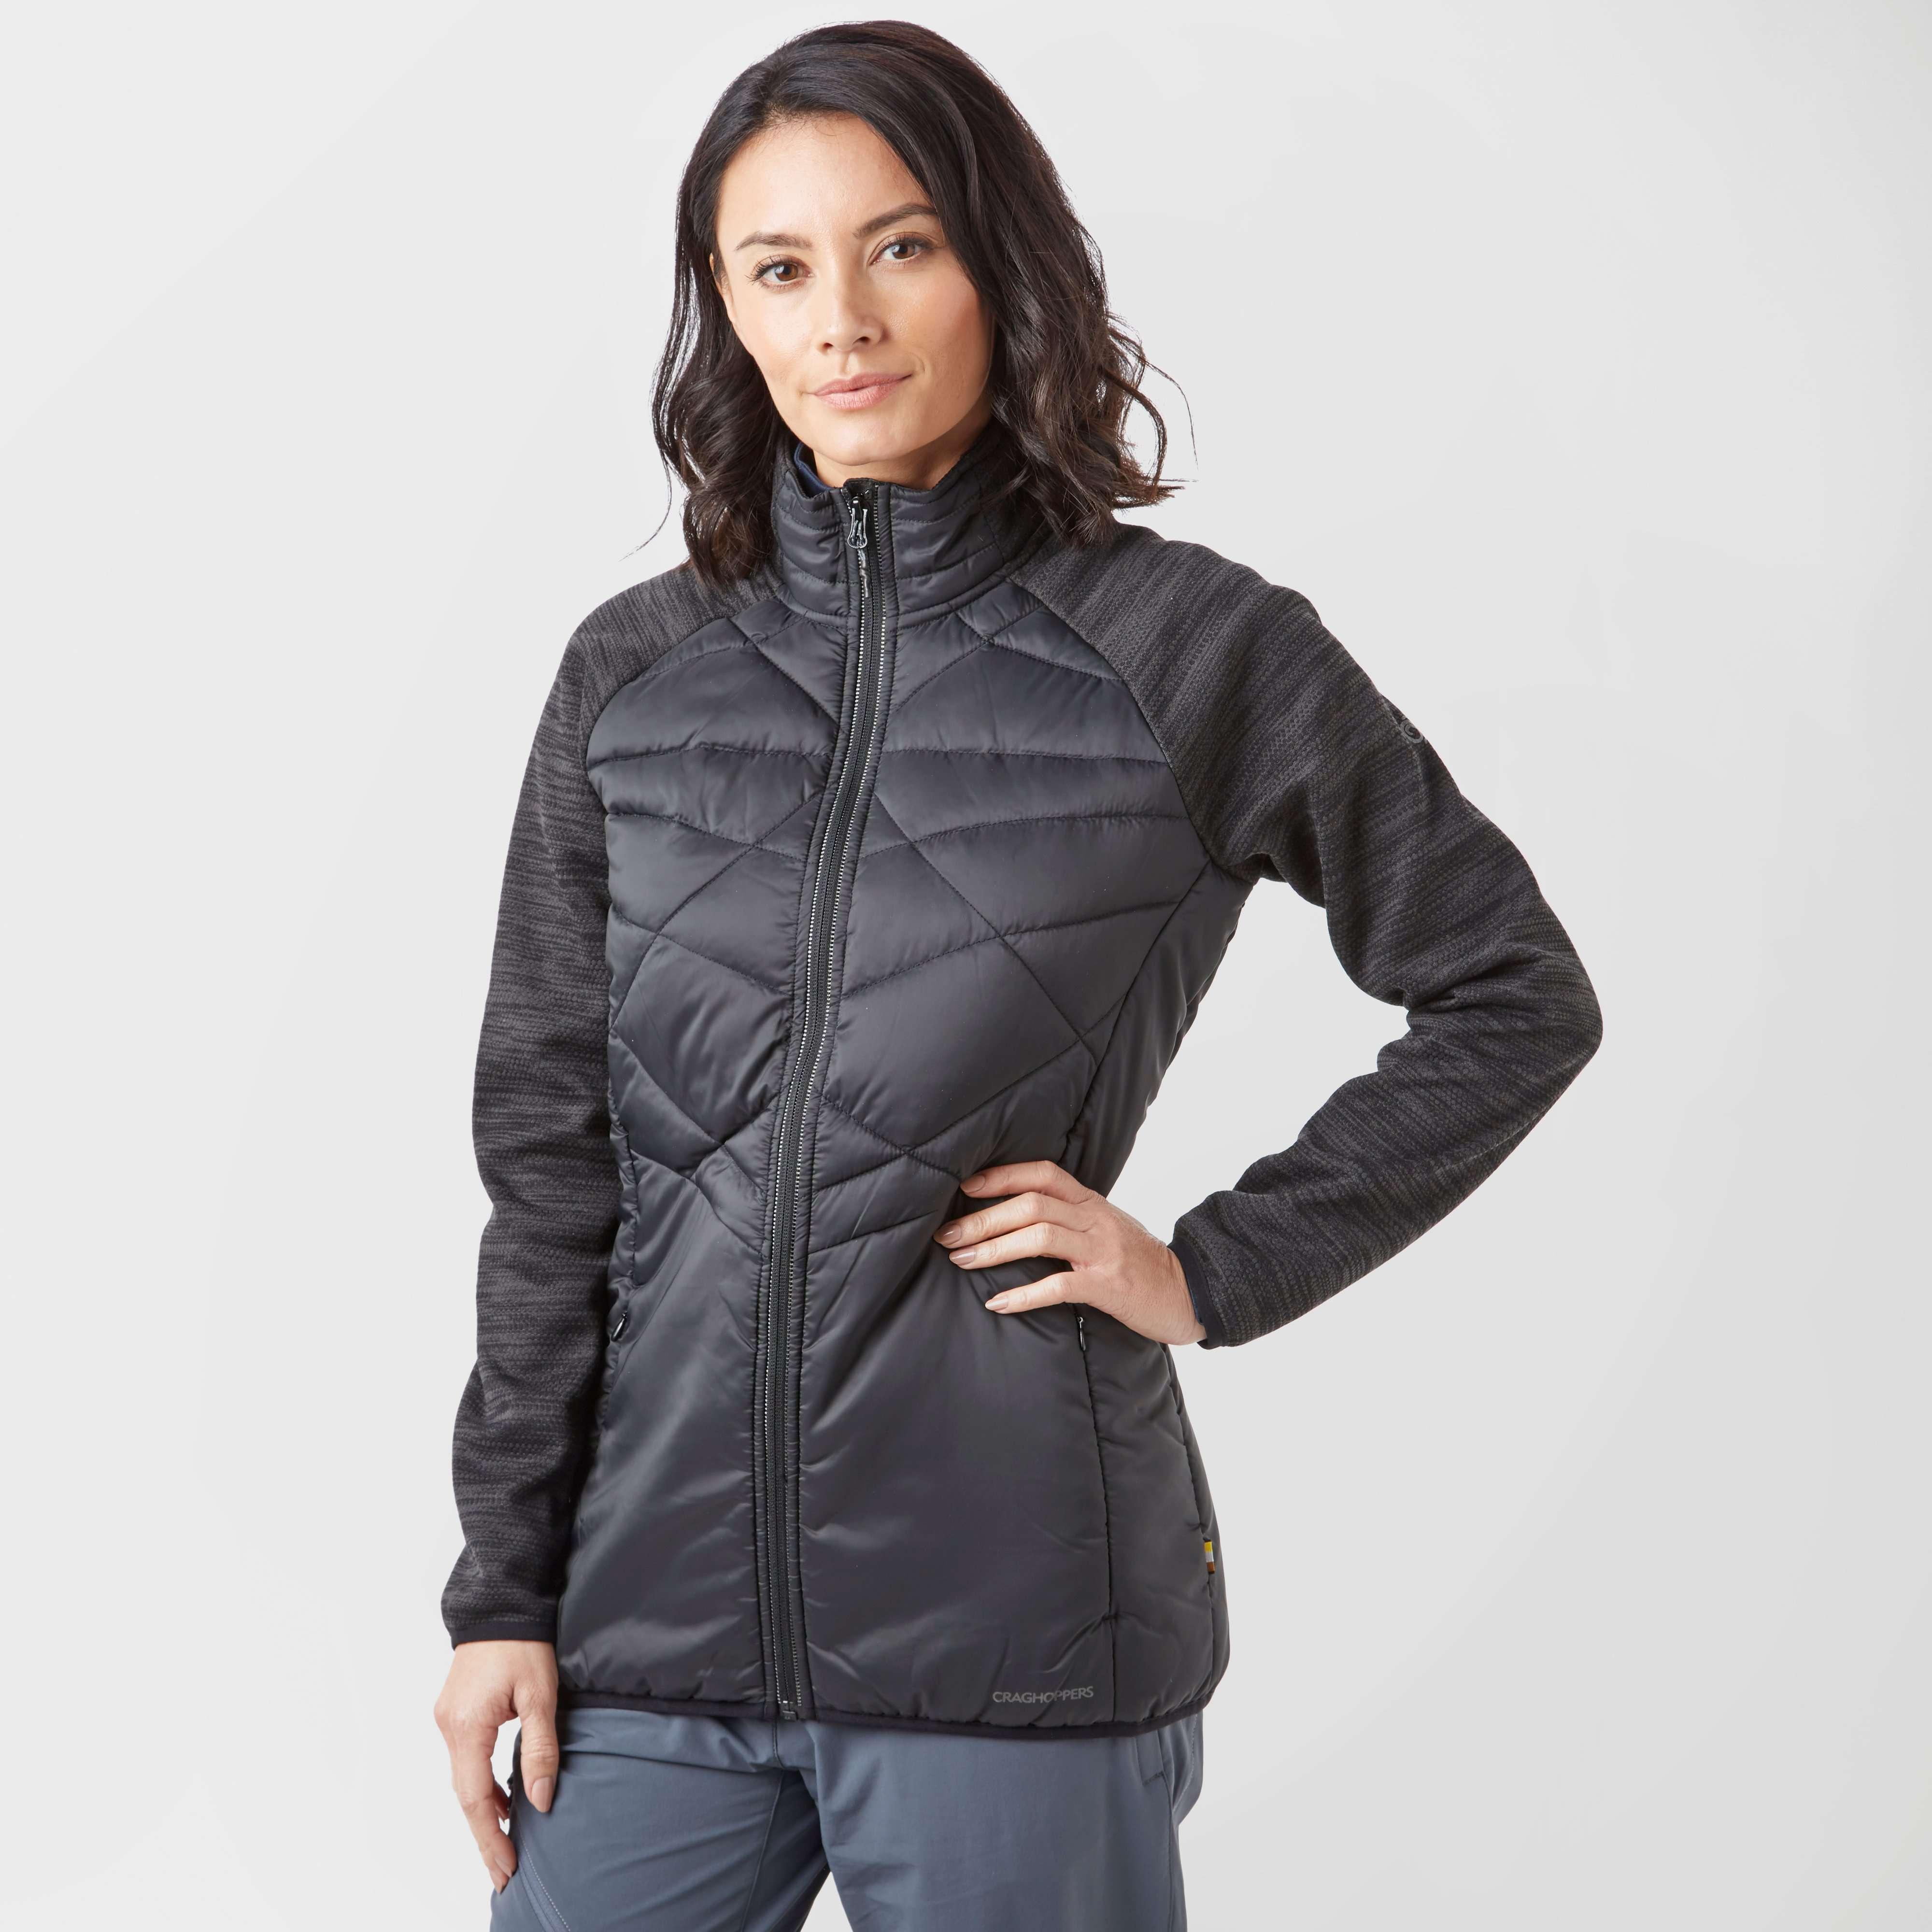 CRAGHOPPERS Women's Midas Hybrid Jacket